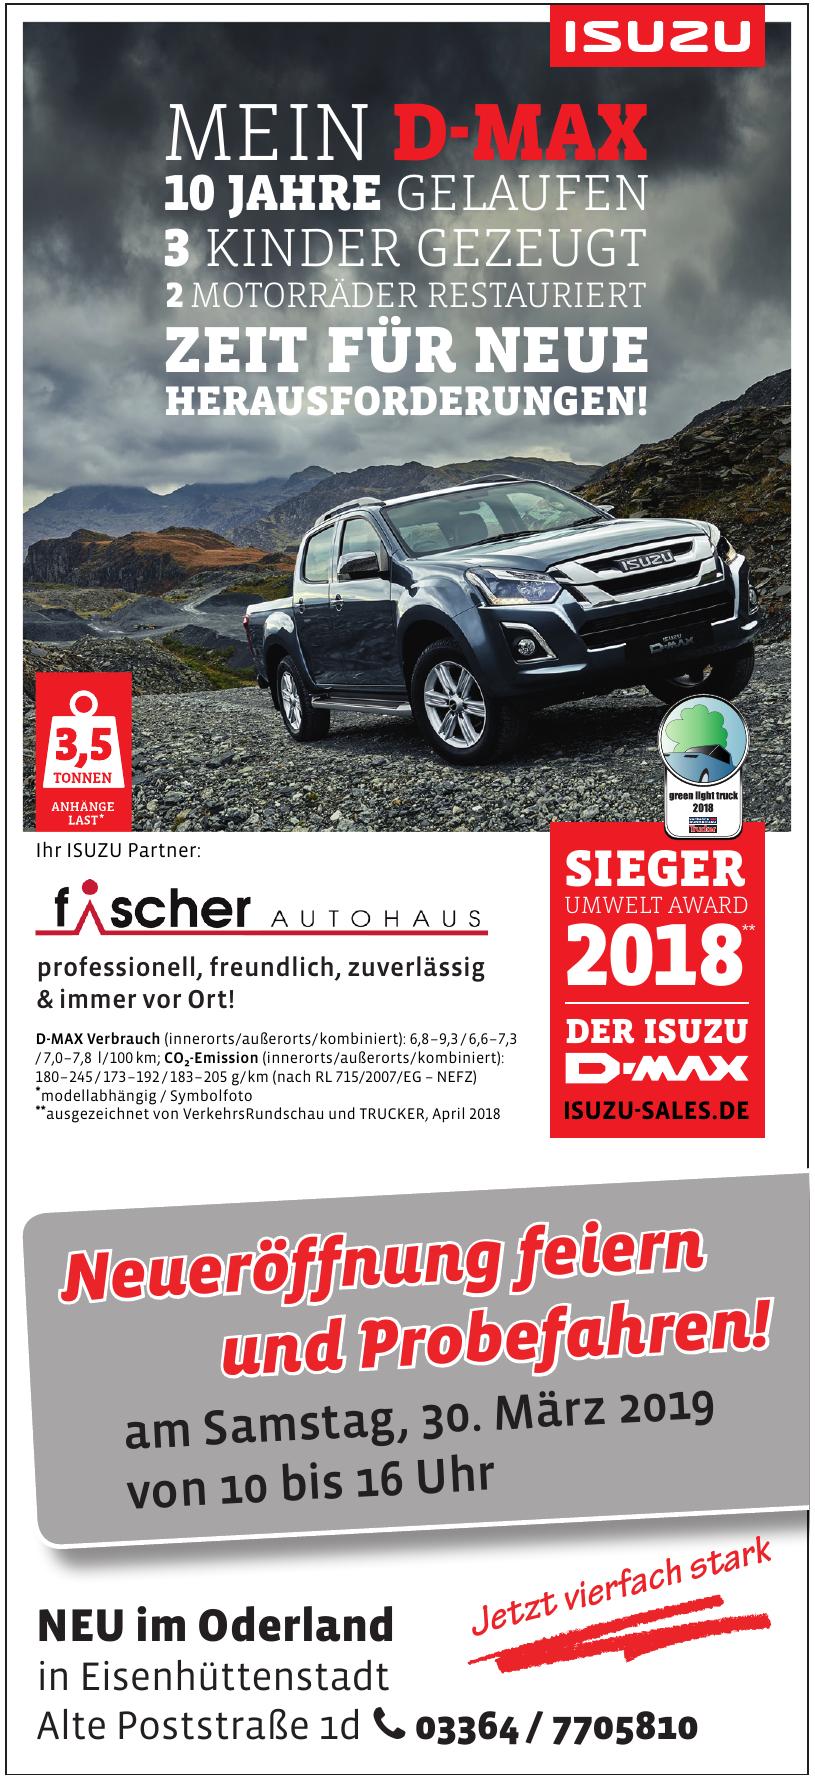 Fischer Autohaus